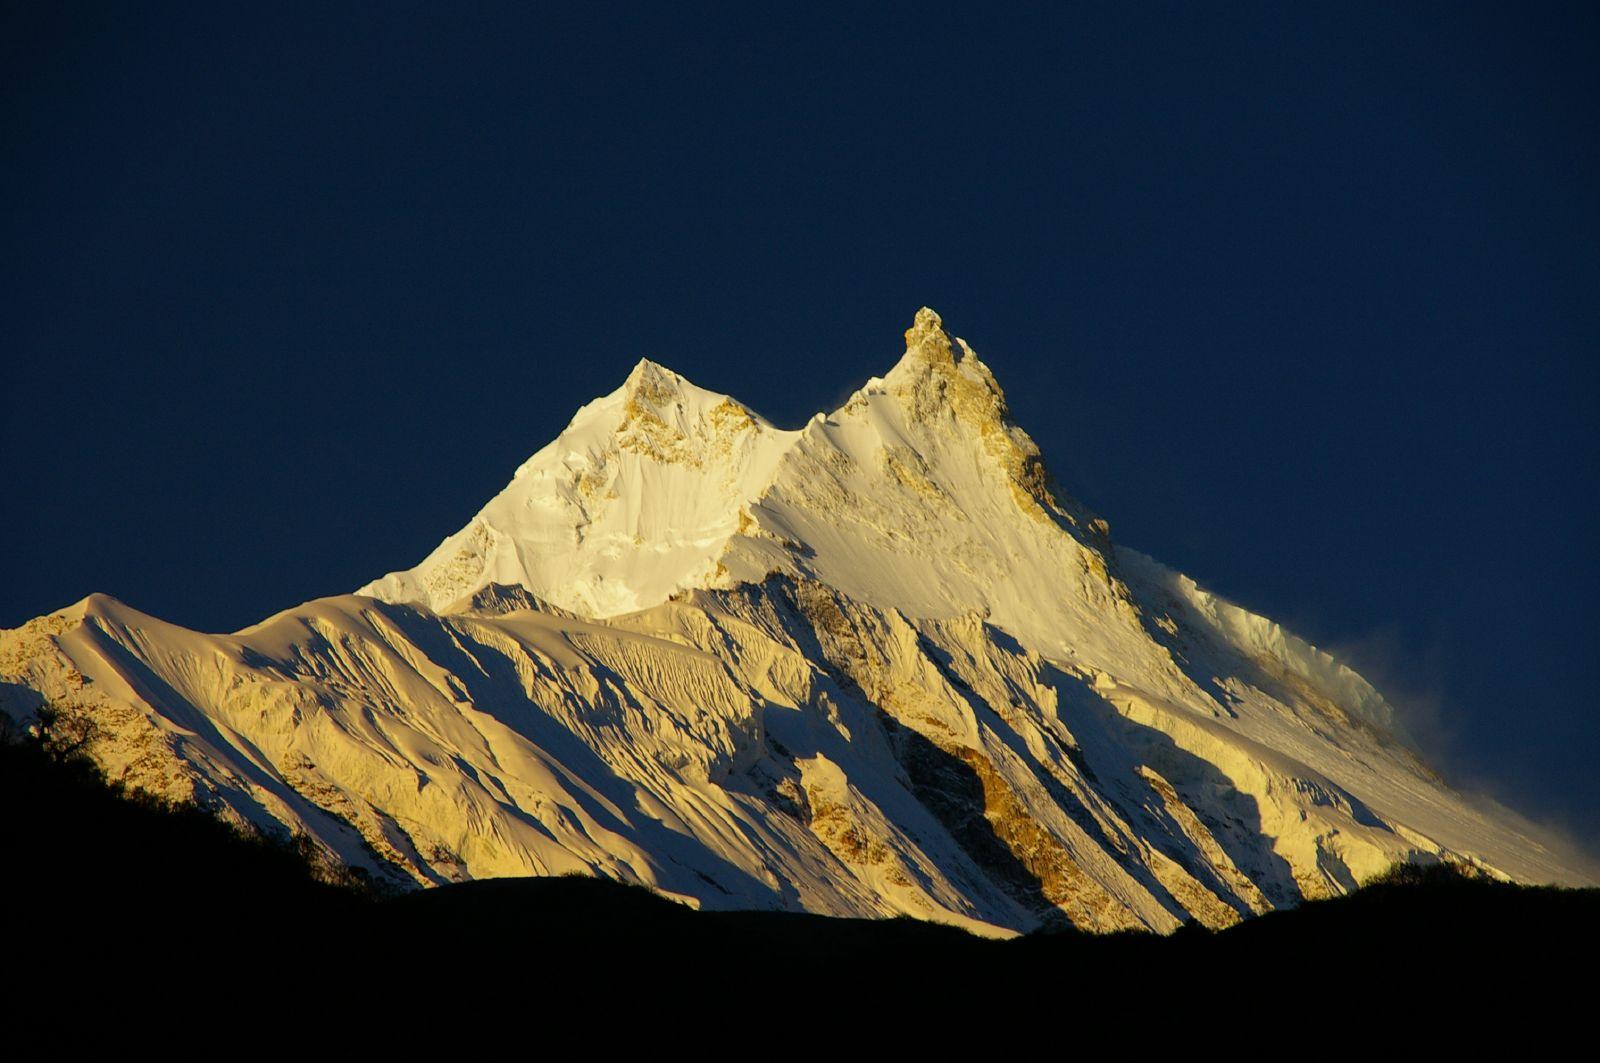 Afbeelding van de Manaslu bergtoppen